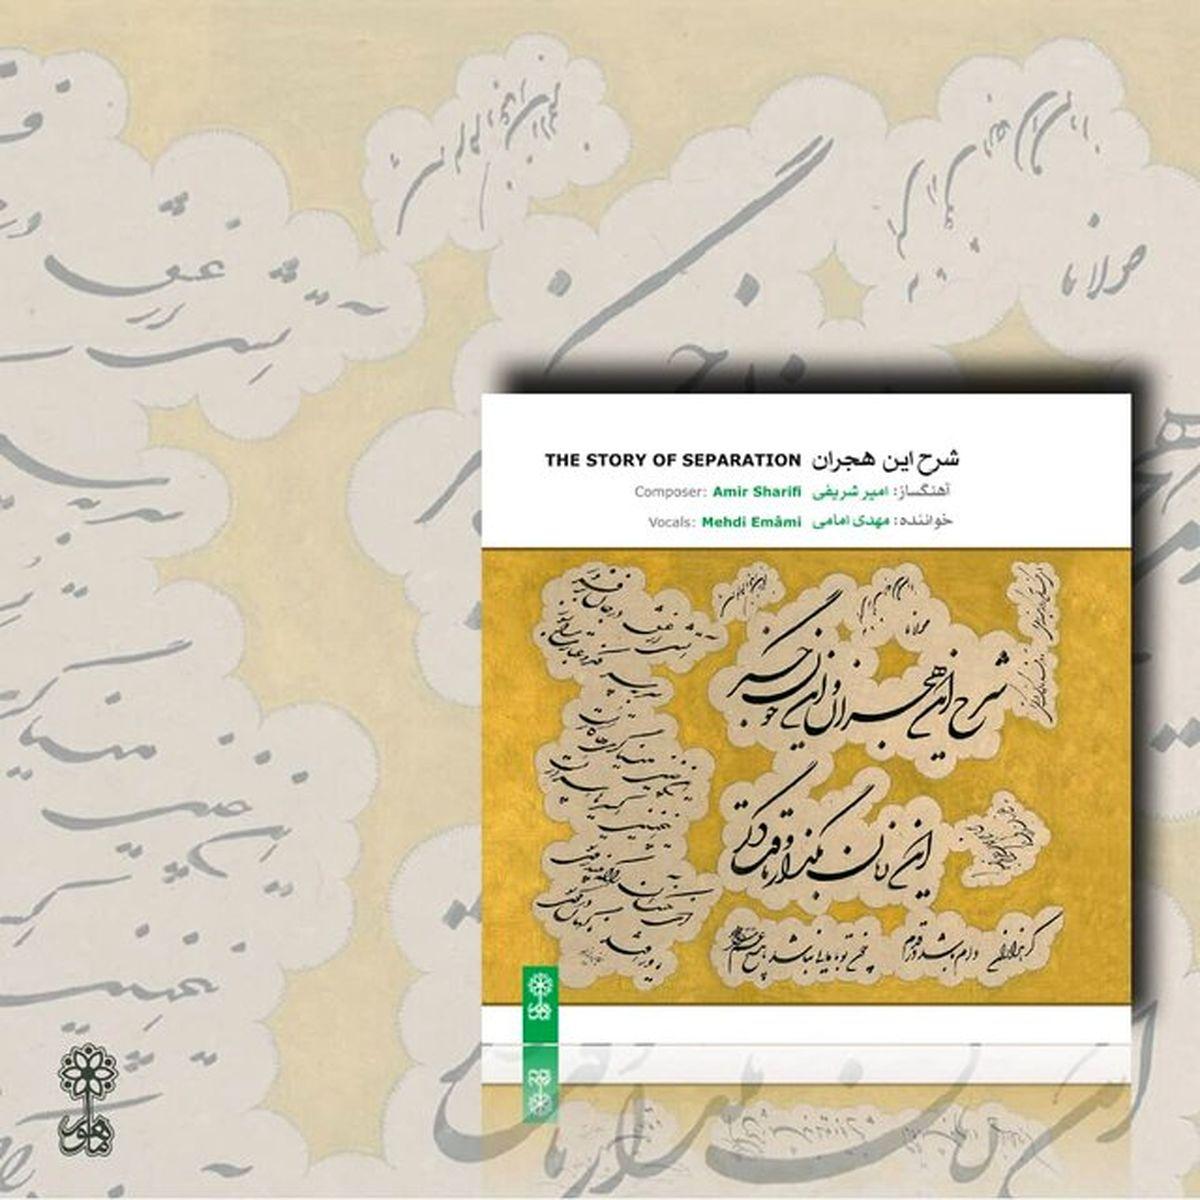 شرح هجران موسیقی ایرانی منتشر شد